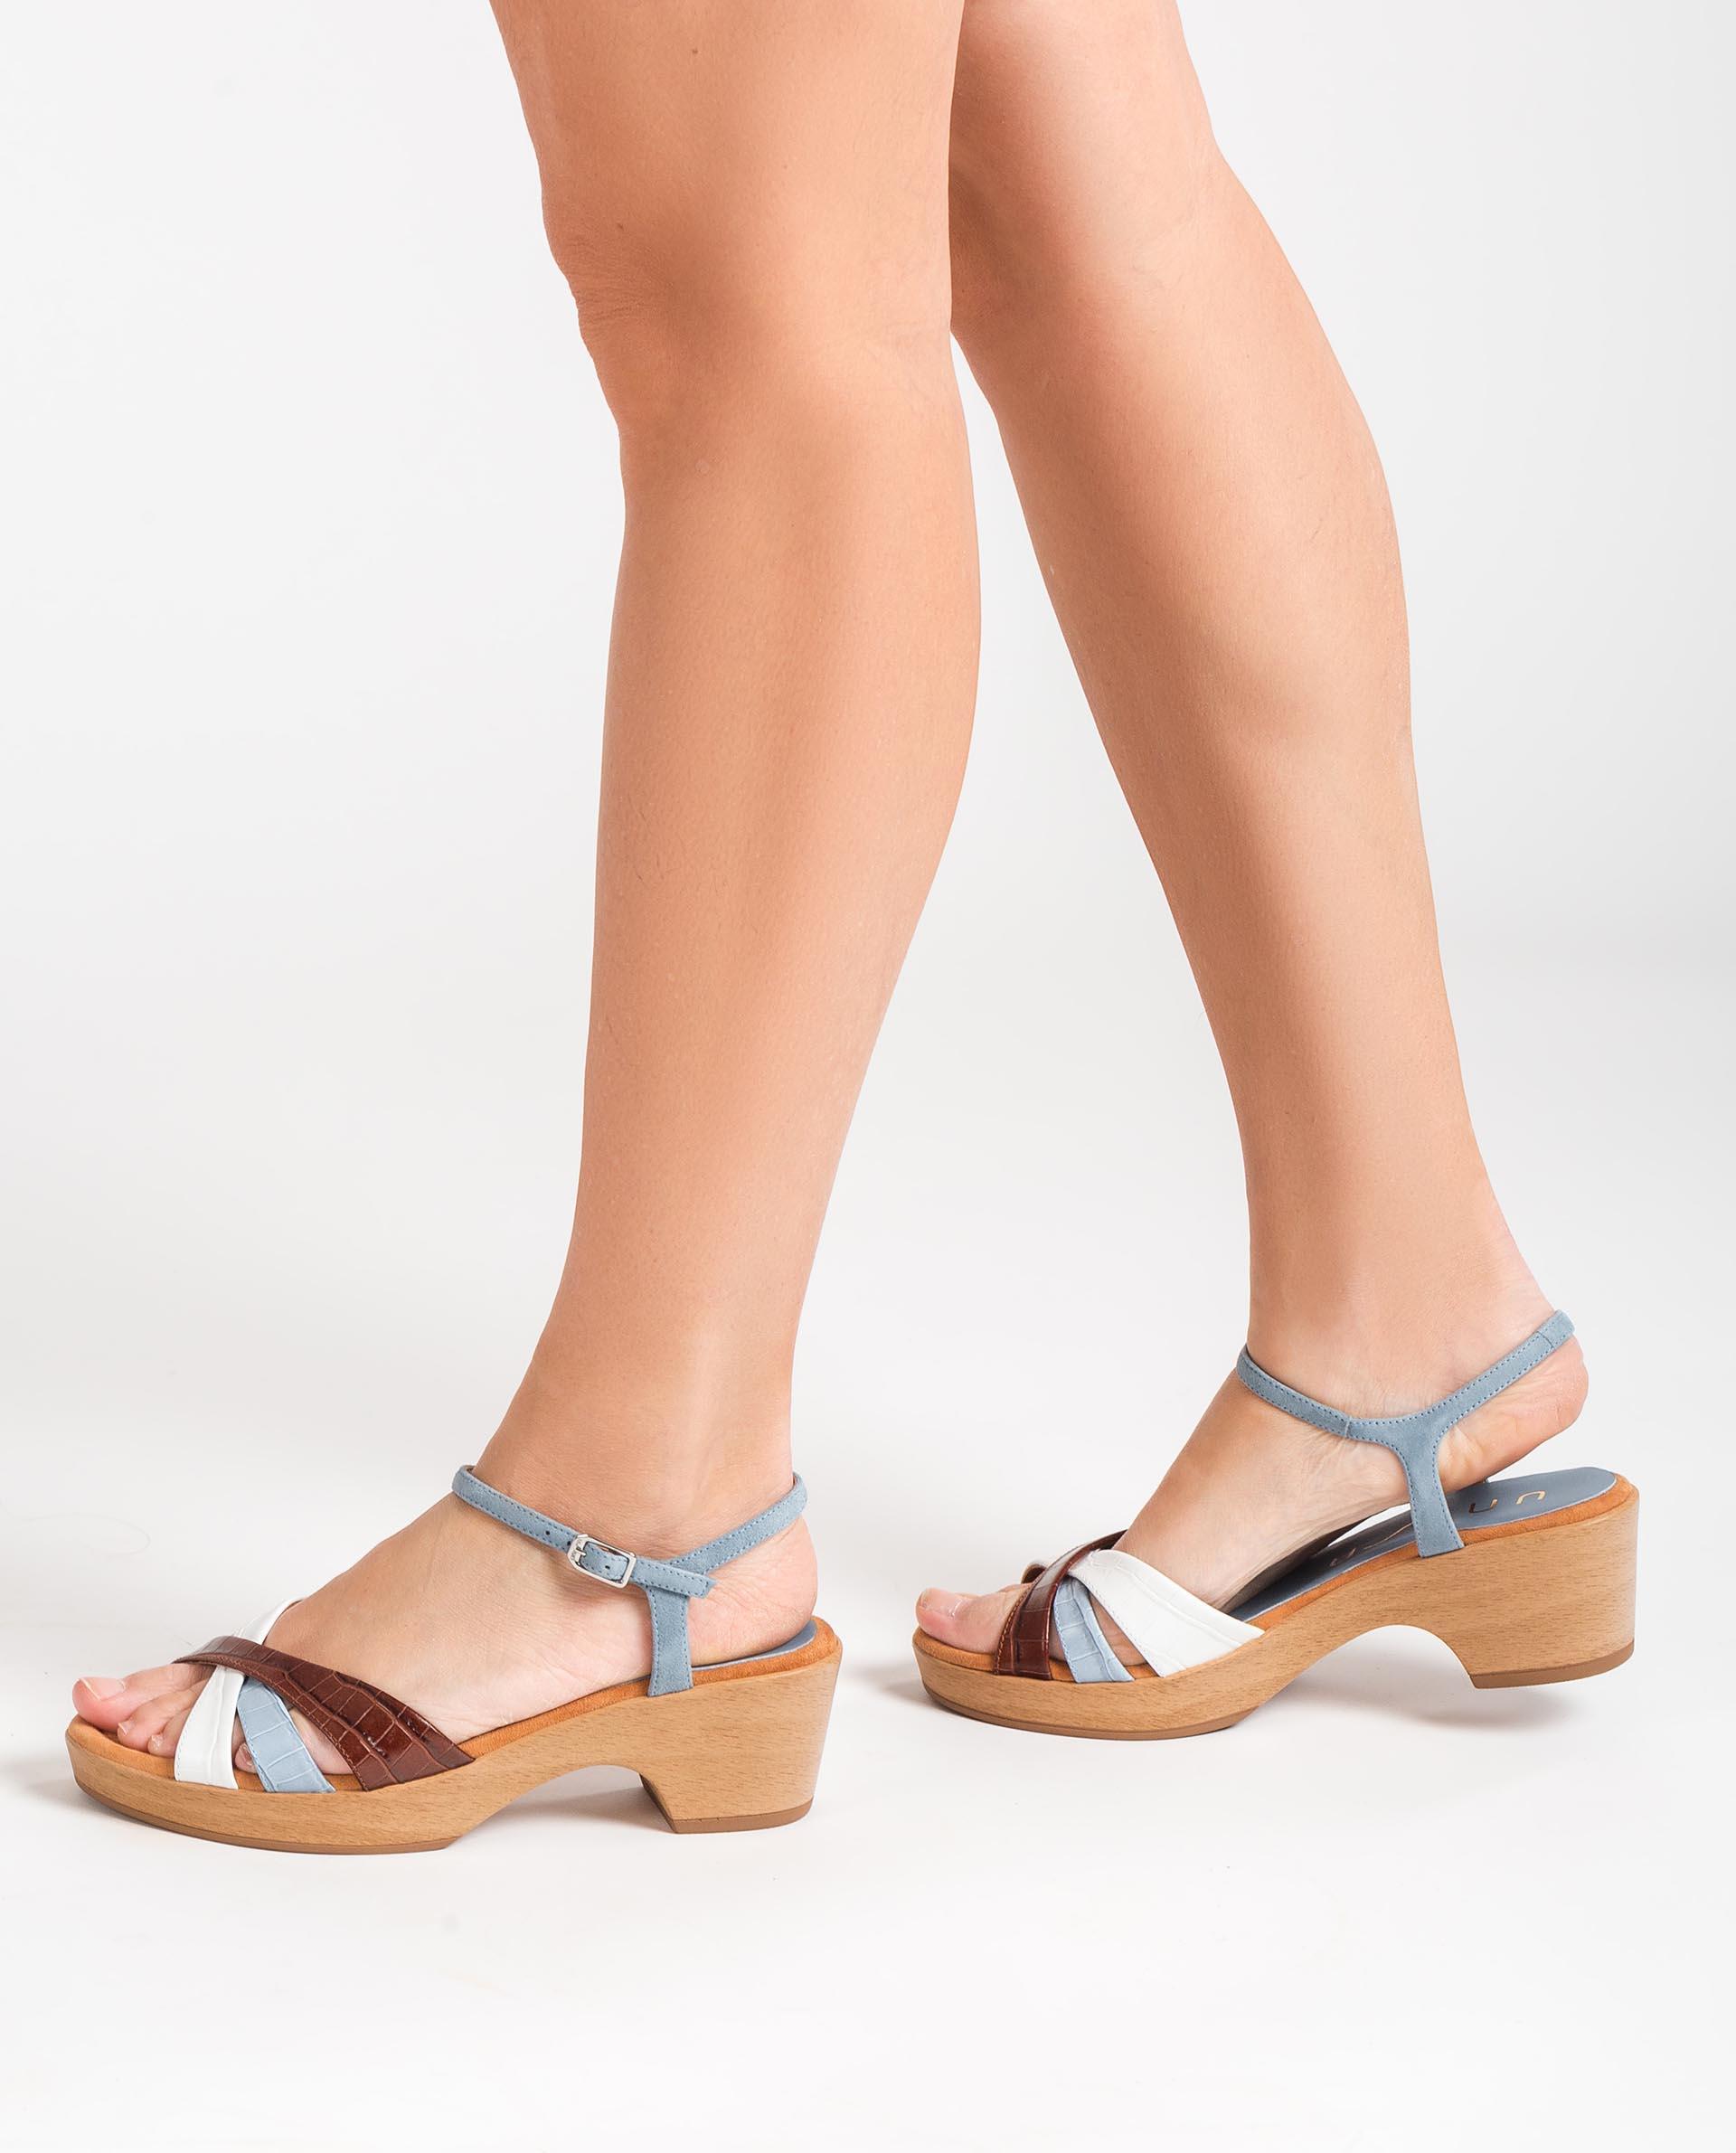 UNISA Kontrastreiche Sandalen aus Kroko und Wildleder INQUI_LAU_KS 5